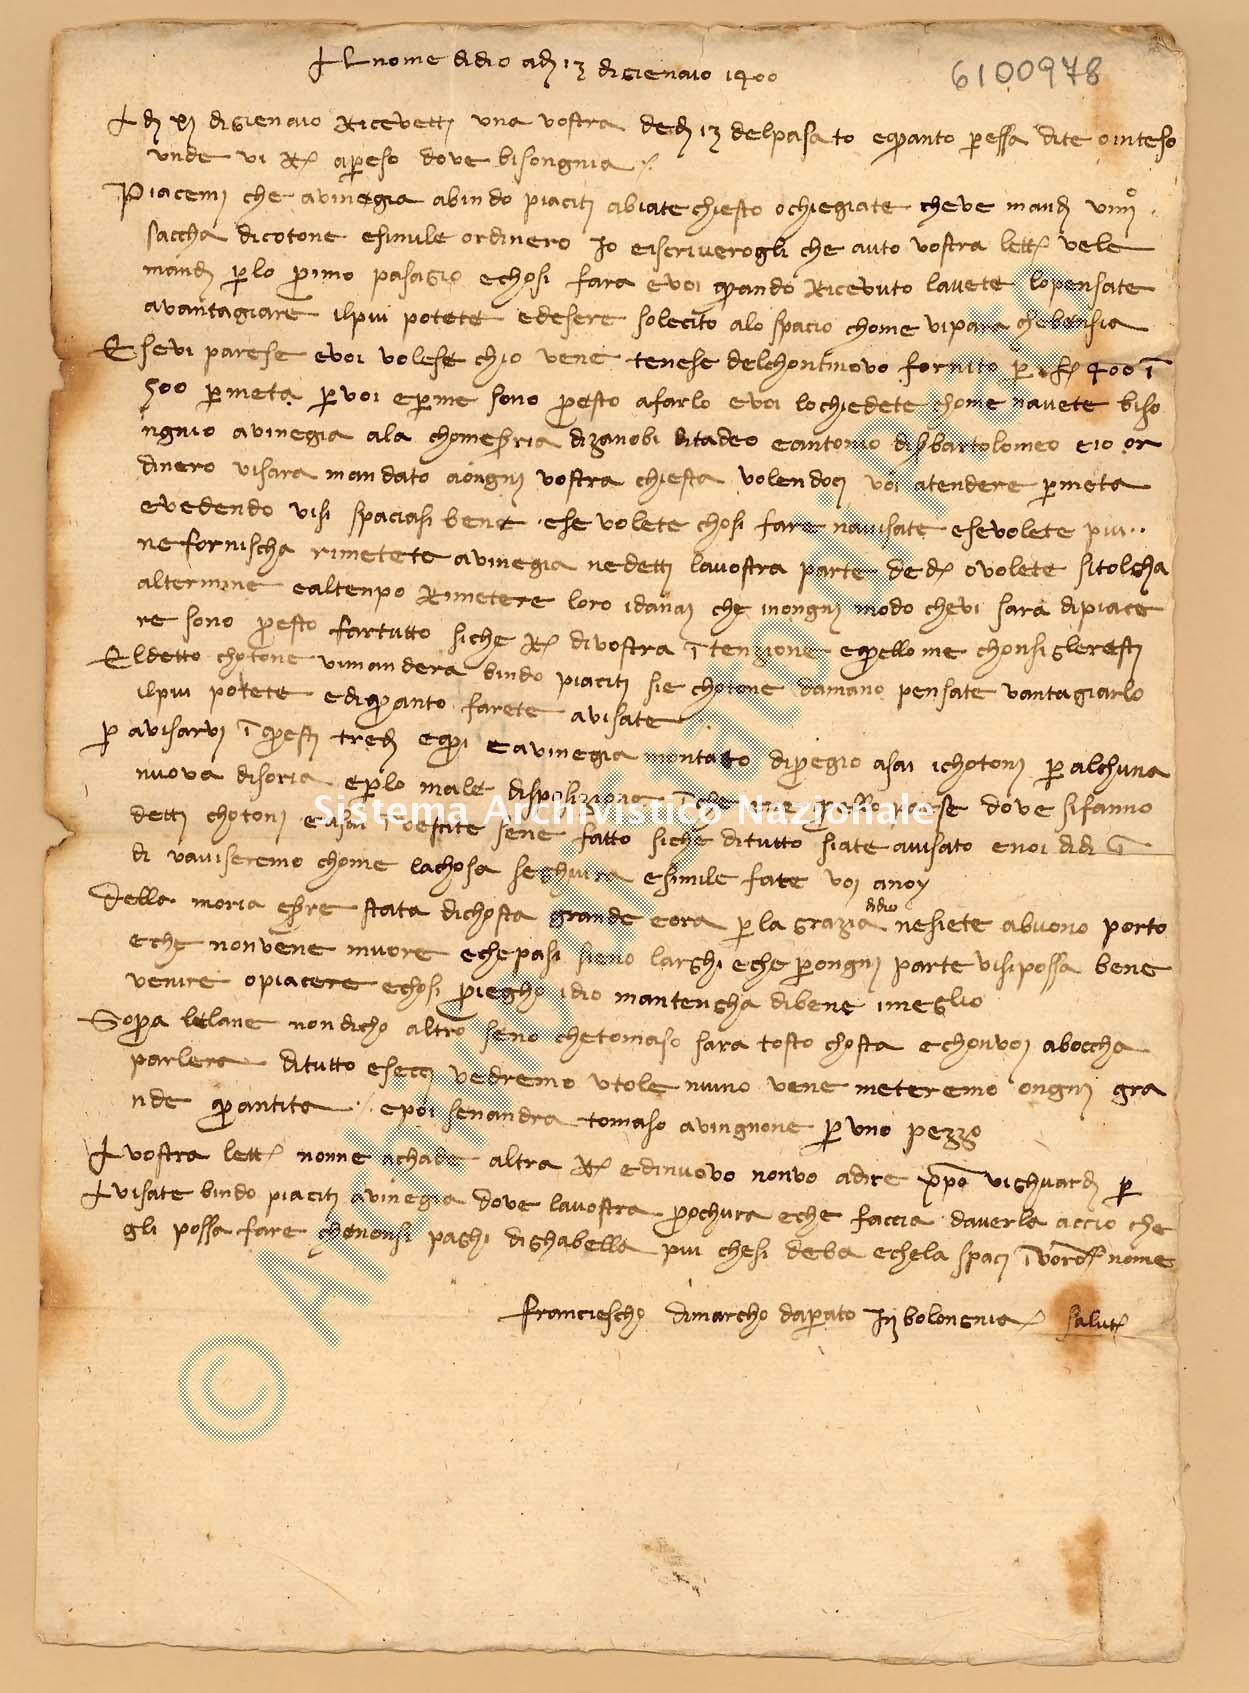 Archivio di Stato di Prato, Fondo Datini, Appendice al carteggio, 1116.125 Lettere Di Datini Francesco Di Marco a Giovanni Da Pessano (busta 1116, inserto 125, codice 6100978)